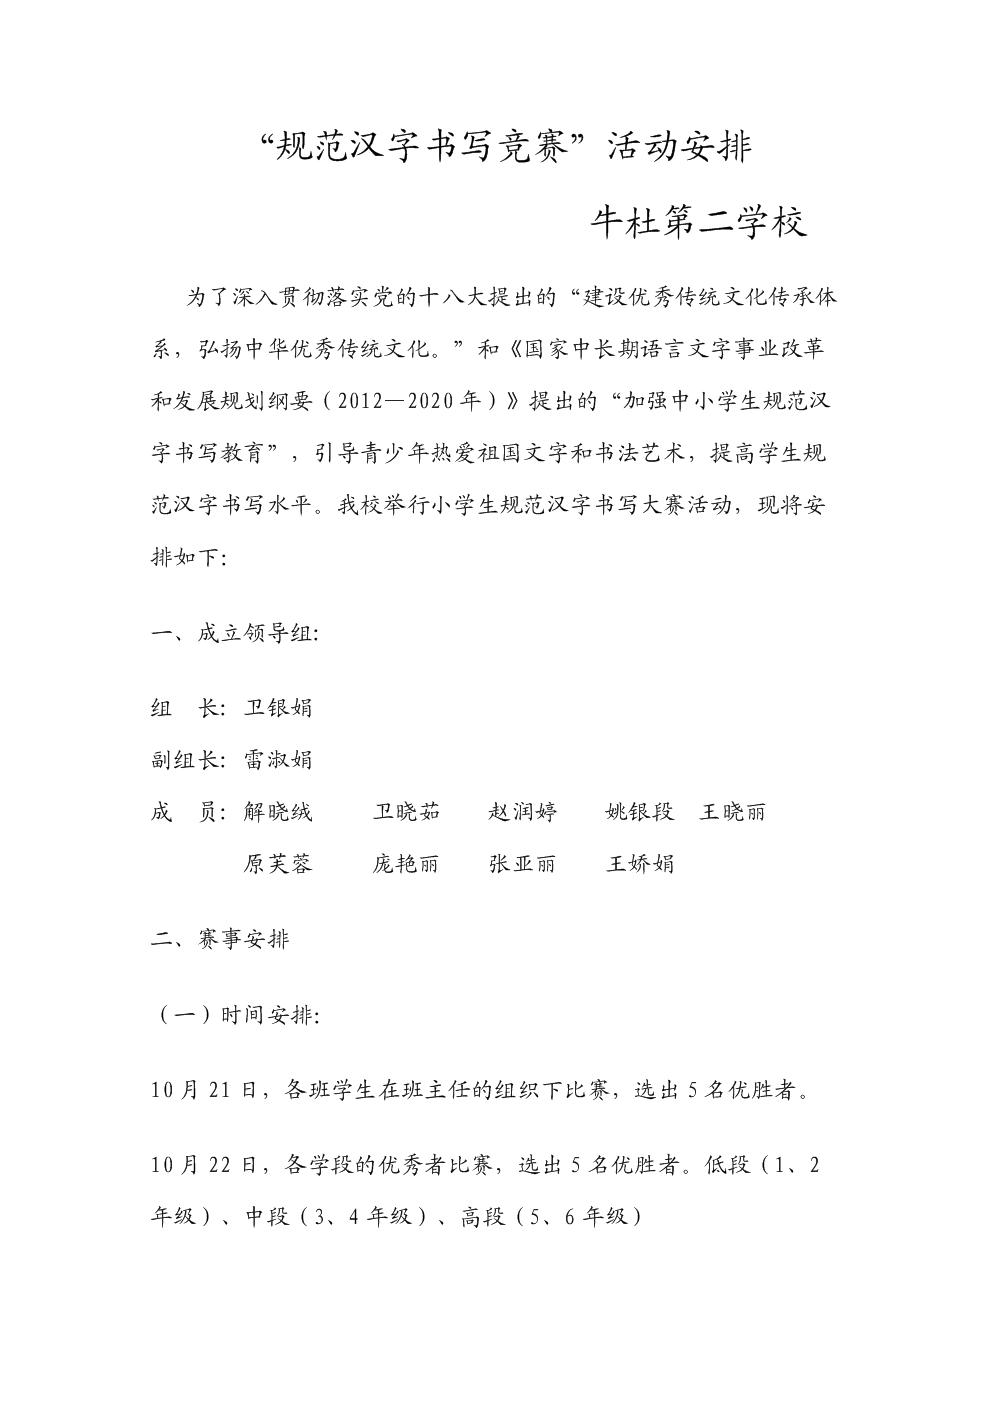 2015年规范汉字书写竞赛.doc